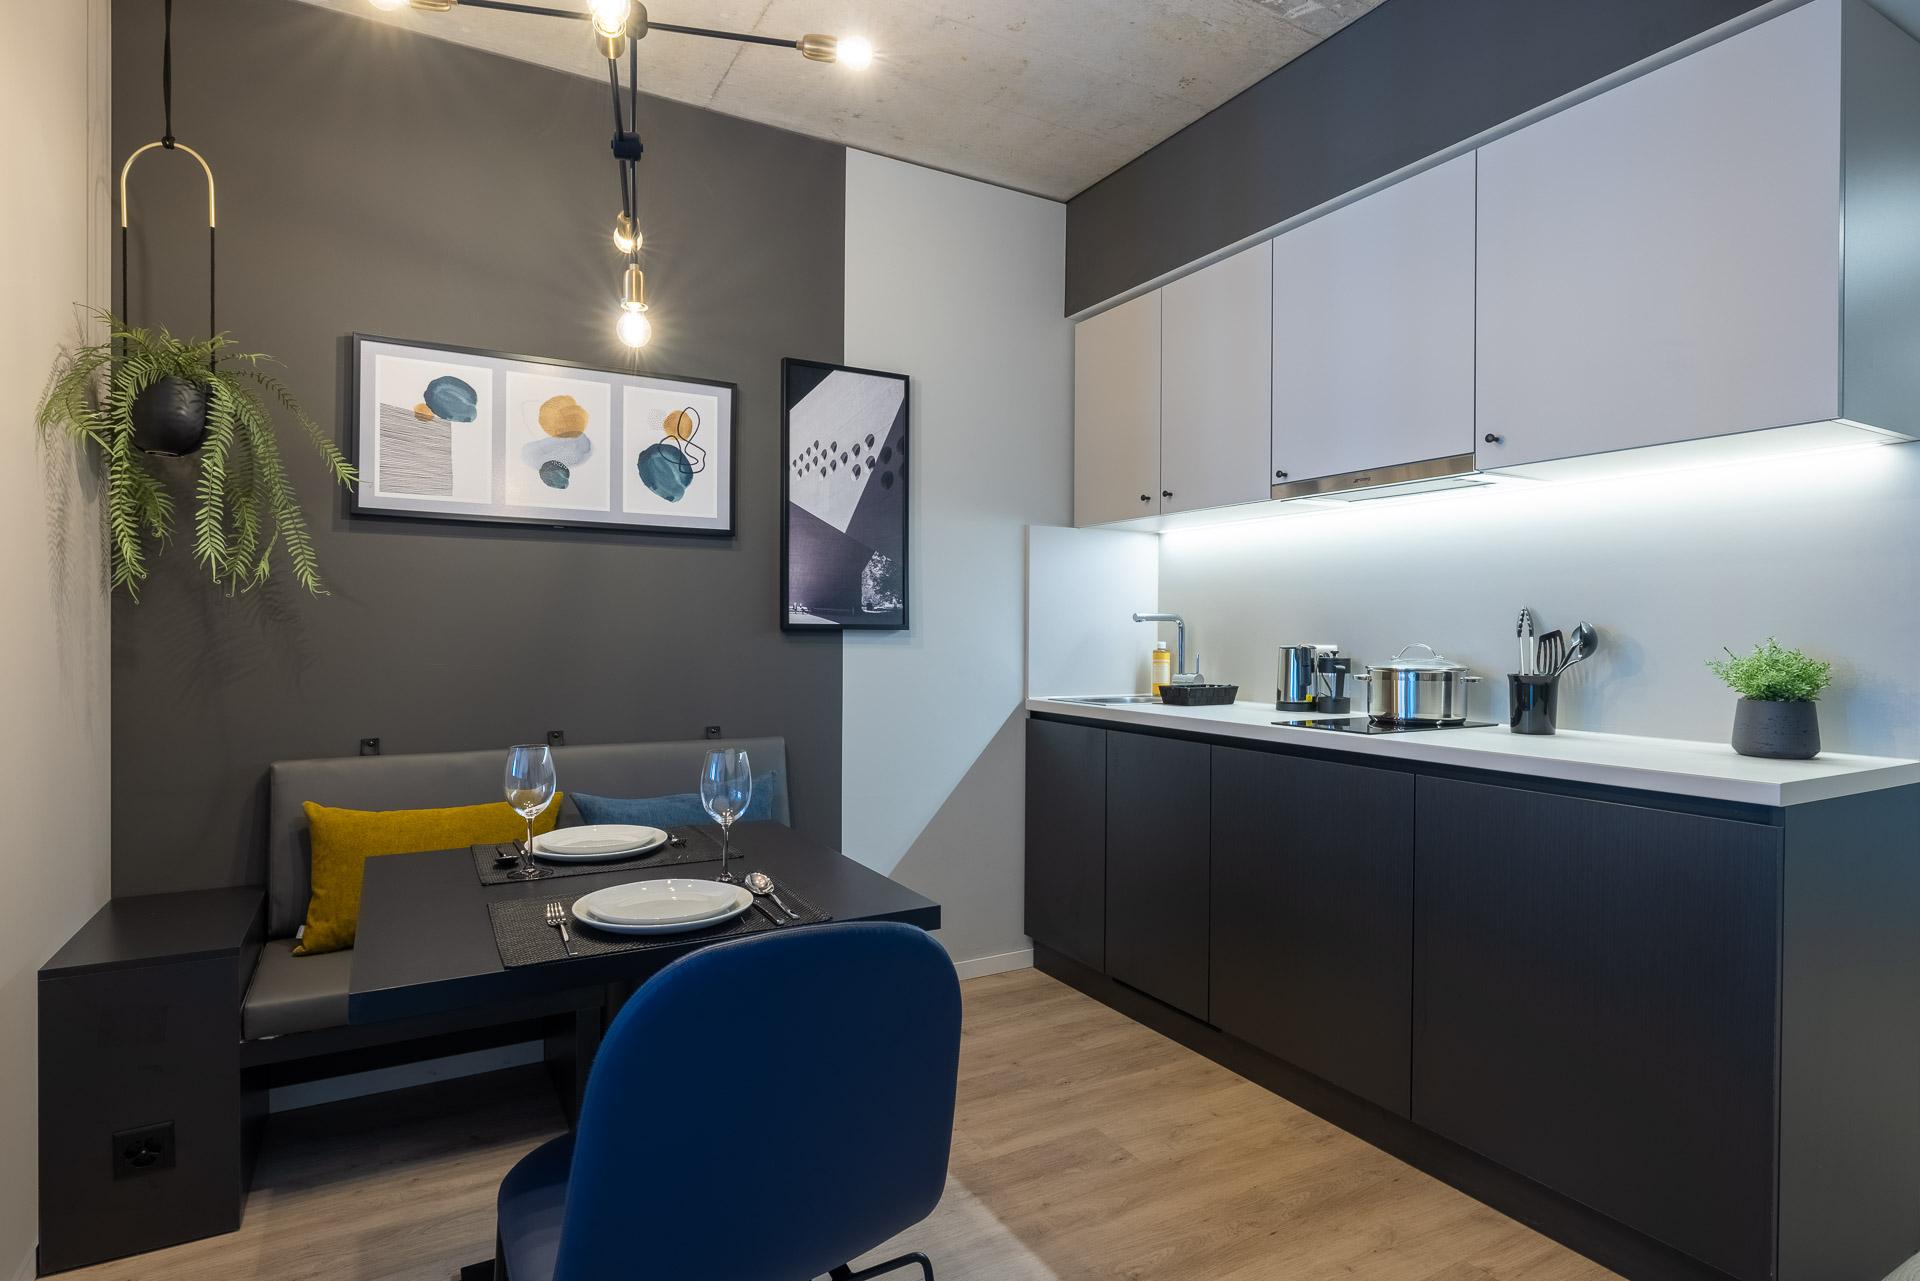 Studio Apartment mit Esstisch, Stuhl und Bank sowie Küchenzeile